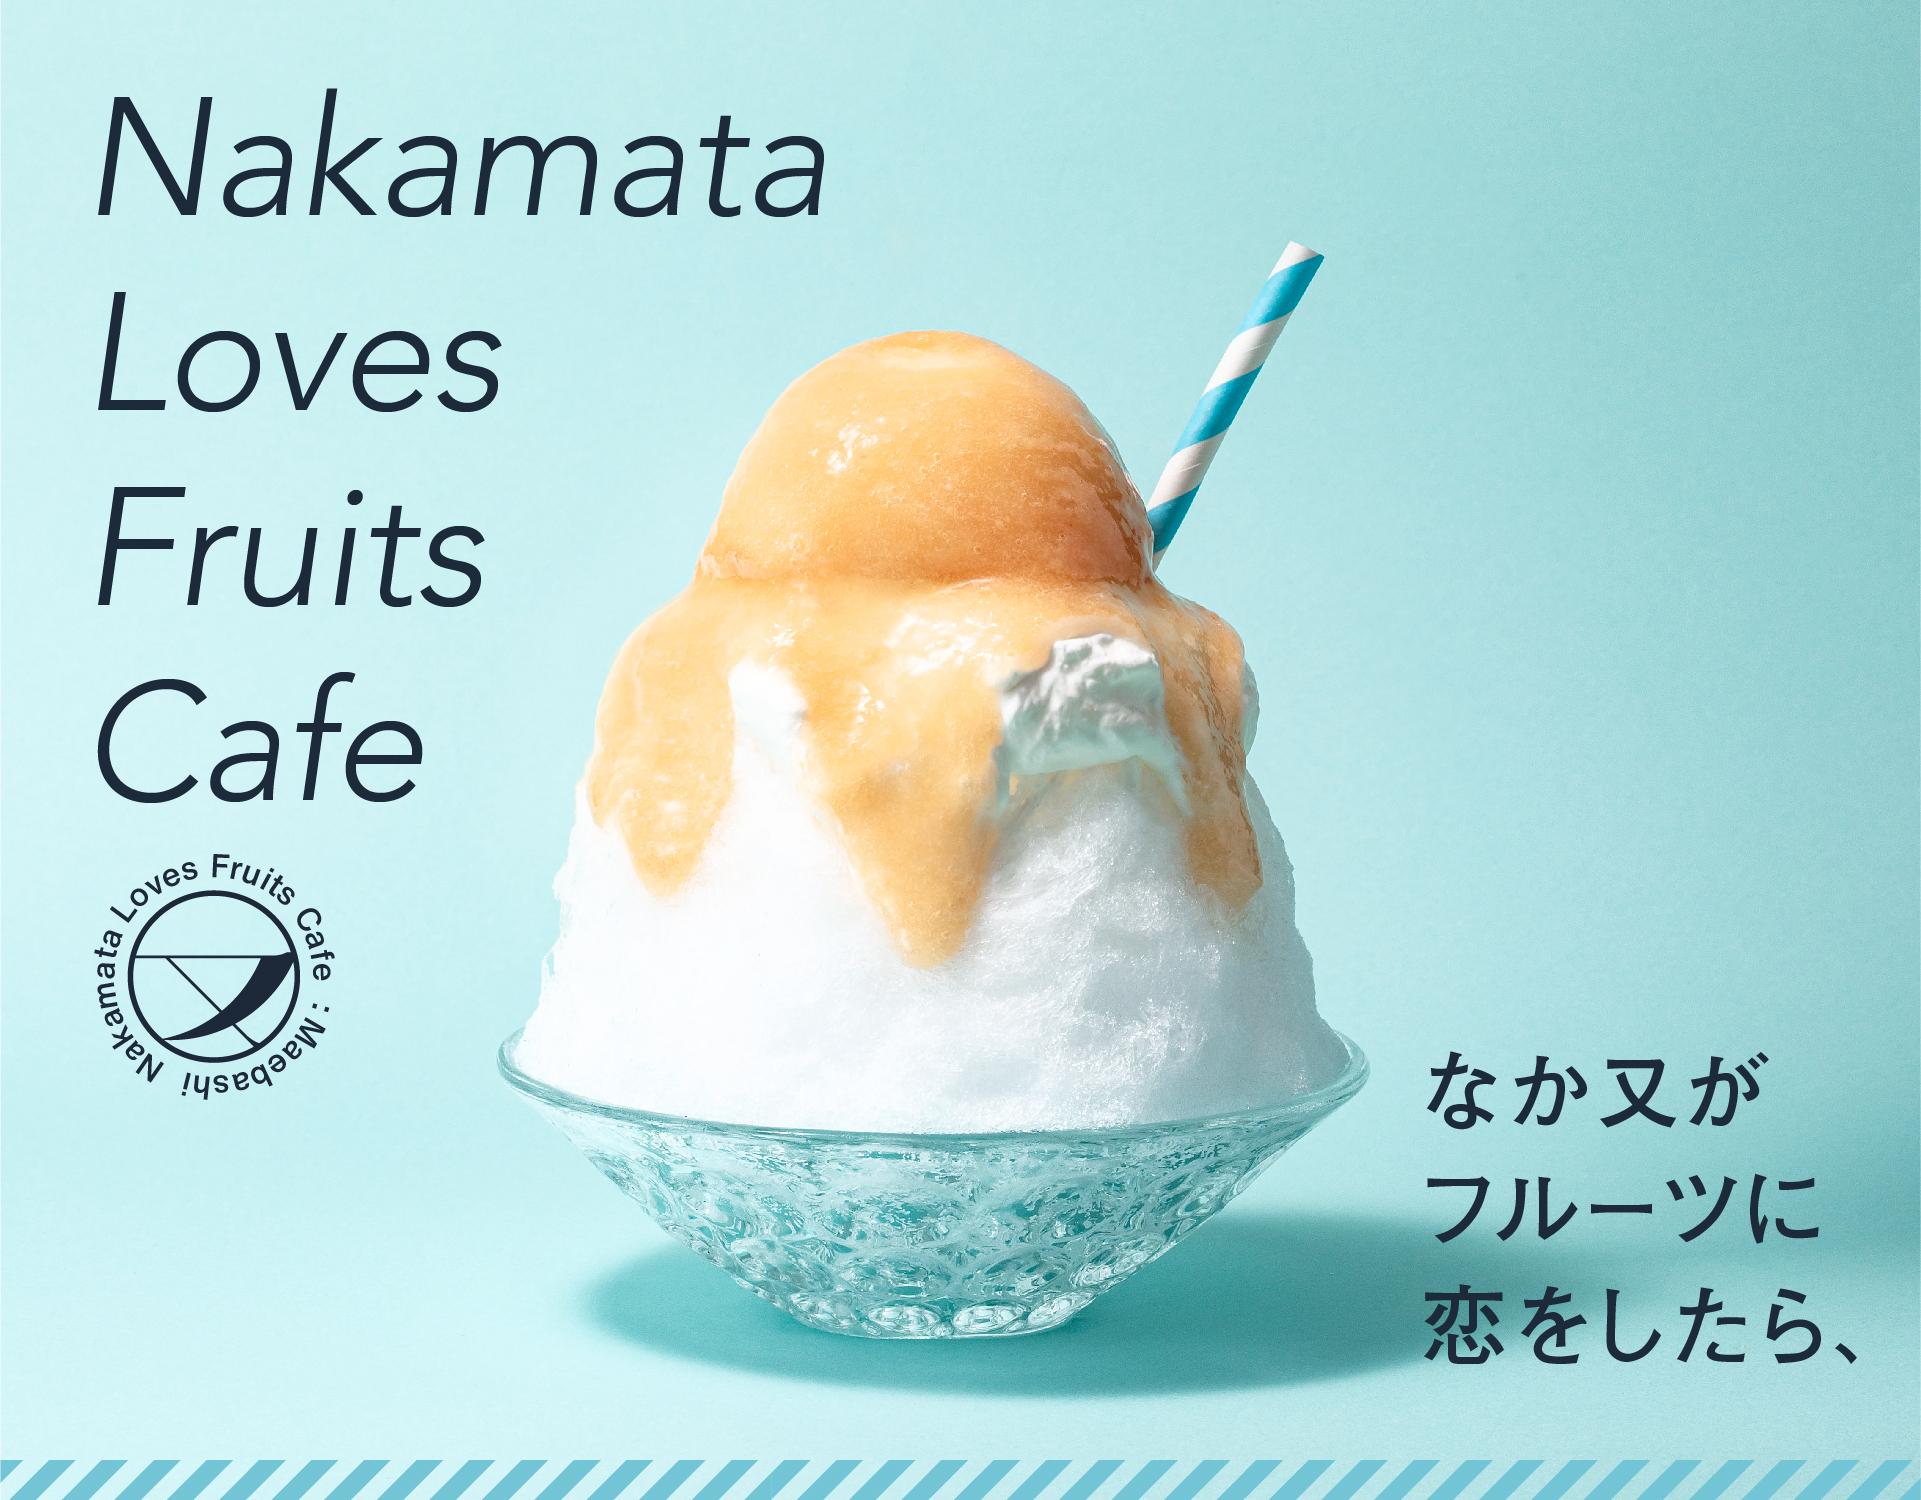 【新店舗】Nakamata Loves Fruits Cafe